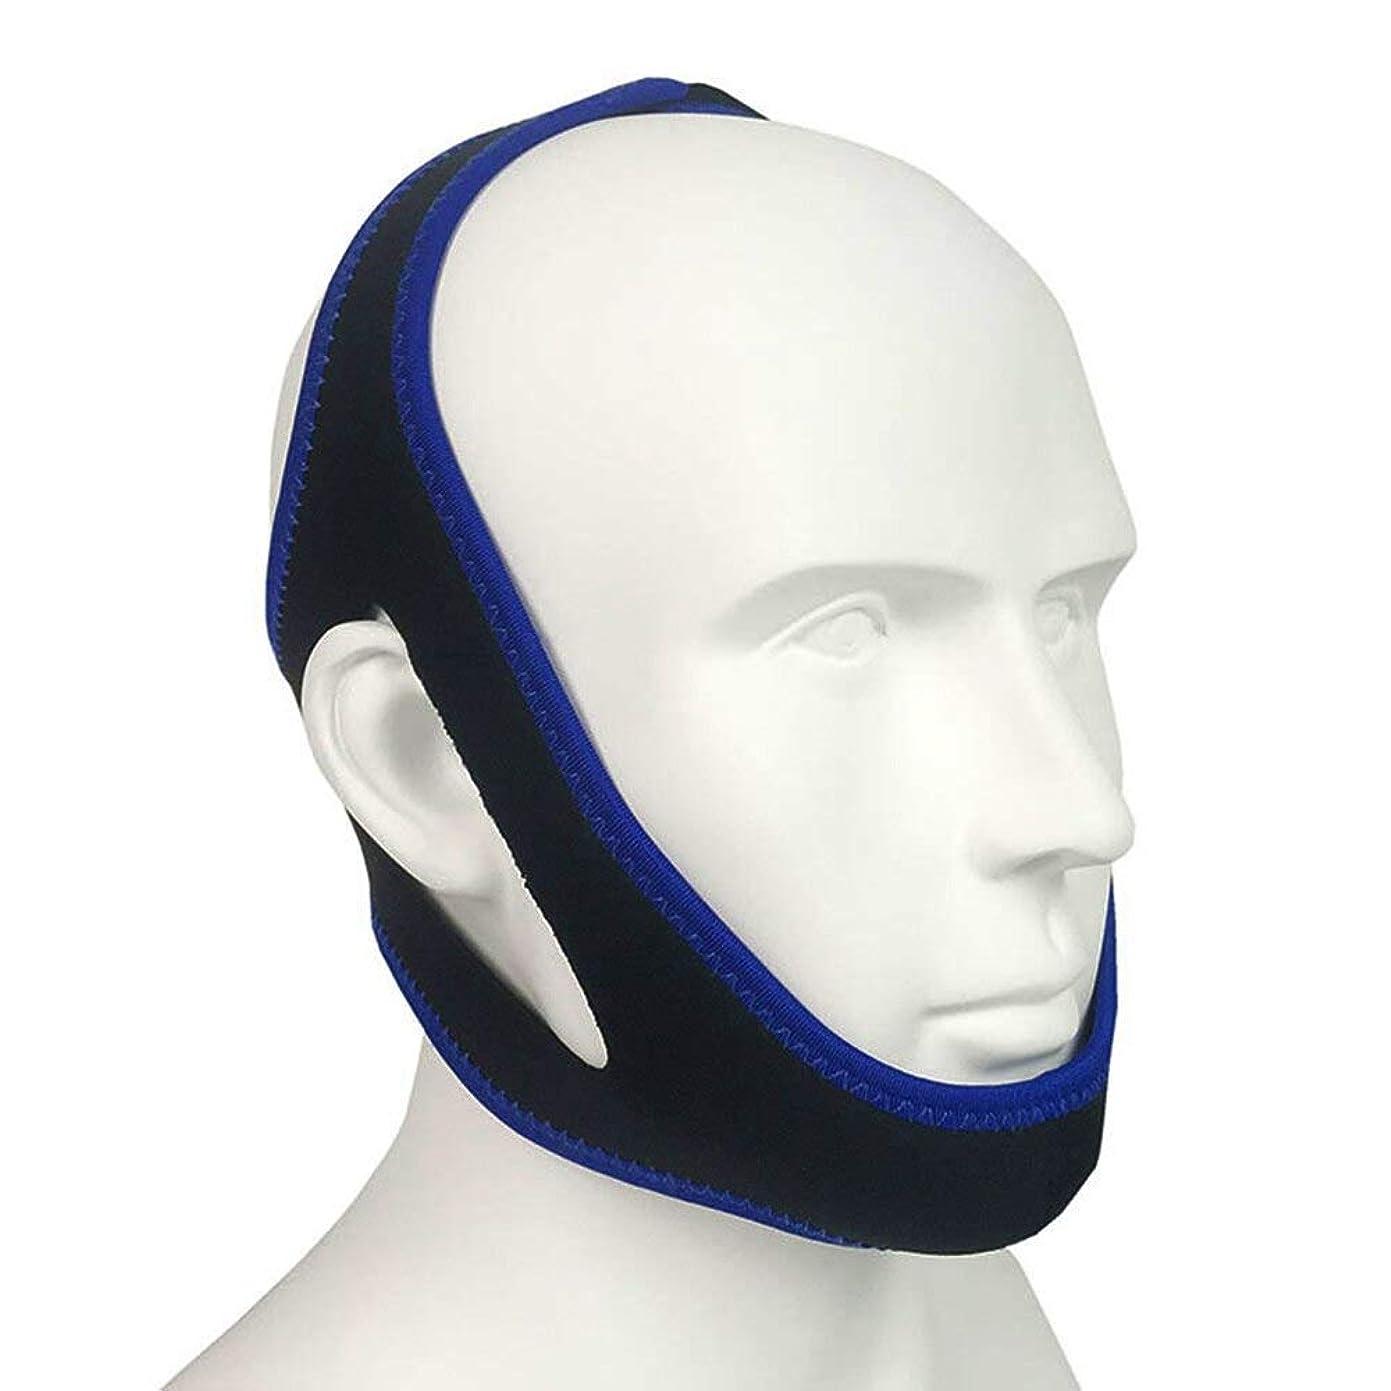 形容詞ストロー信条NOTE 抗いびき睡眠マスク三角形ヘッドバンドいびきベルト停止いびきジョーサポートストラップ用女性男性ヘルスケア睡眠ツール